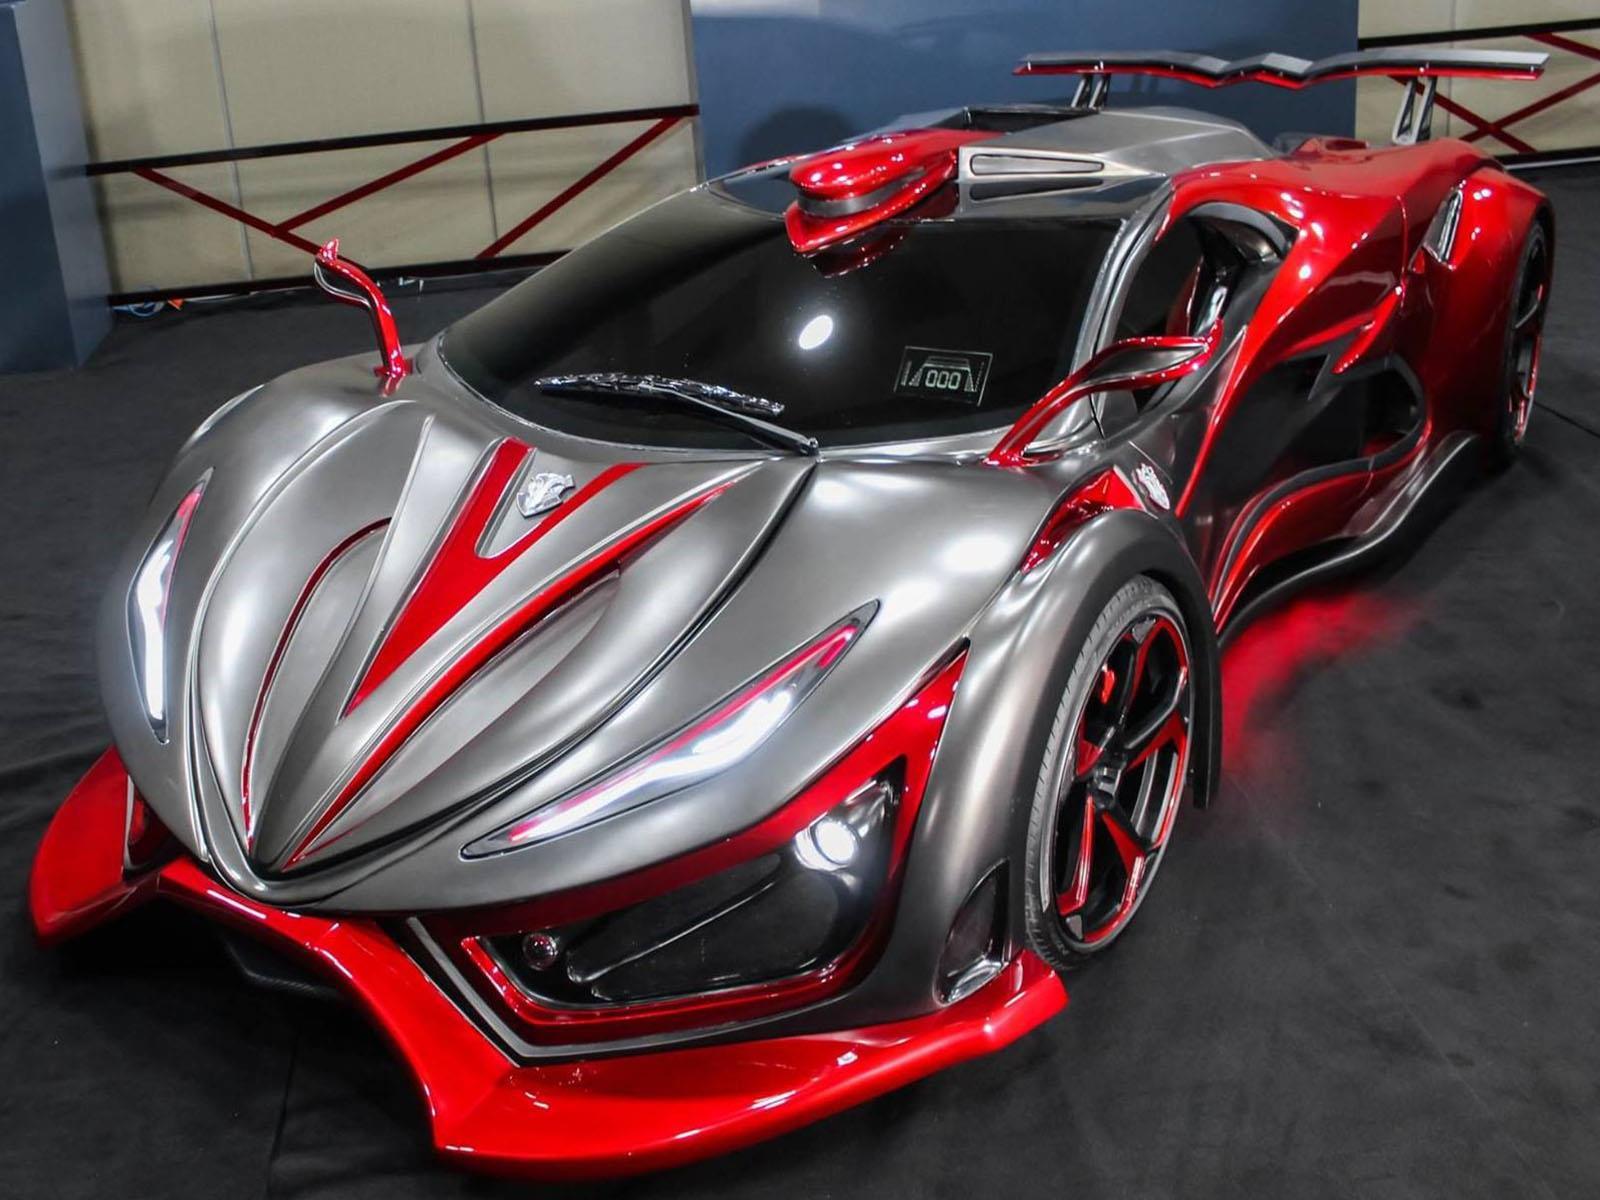 Noticias Y Novedades Sobre Autos En Per Lanzamientos .html ... - photo#5